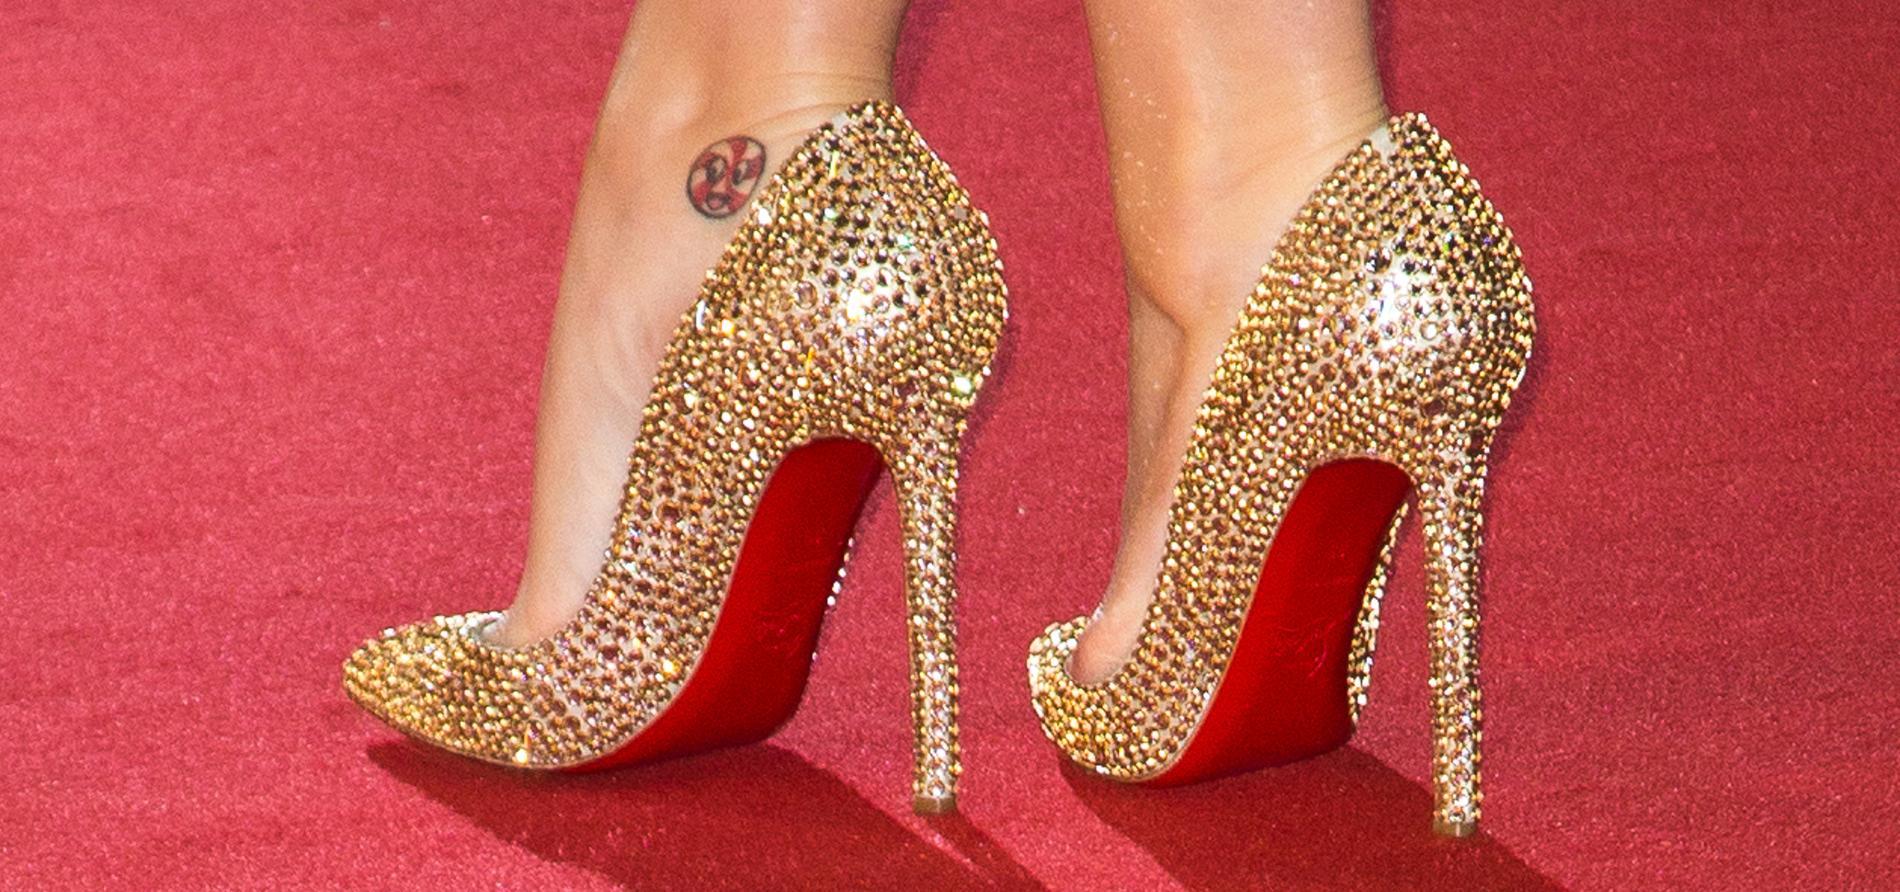 Les Chaussures À Ces Prêtes Pour Tous Femmes Des IyY76gvbf